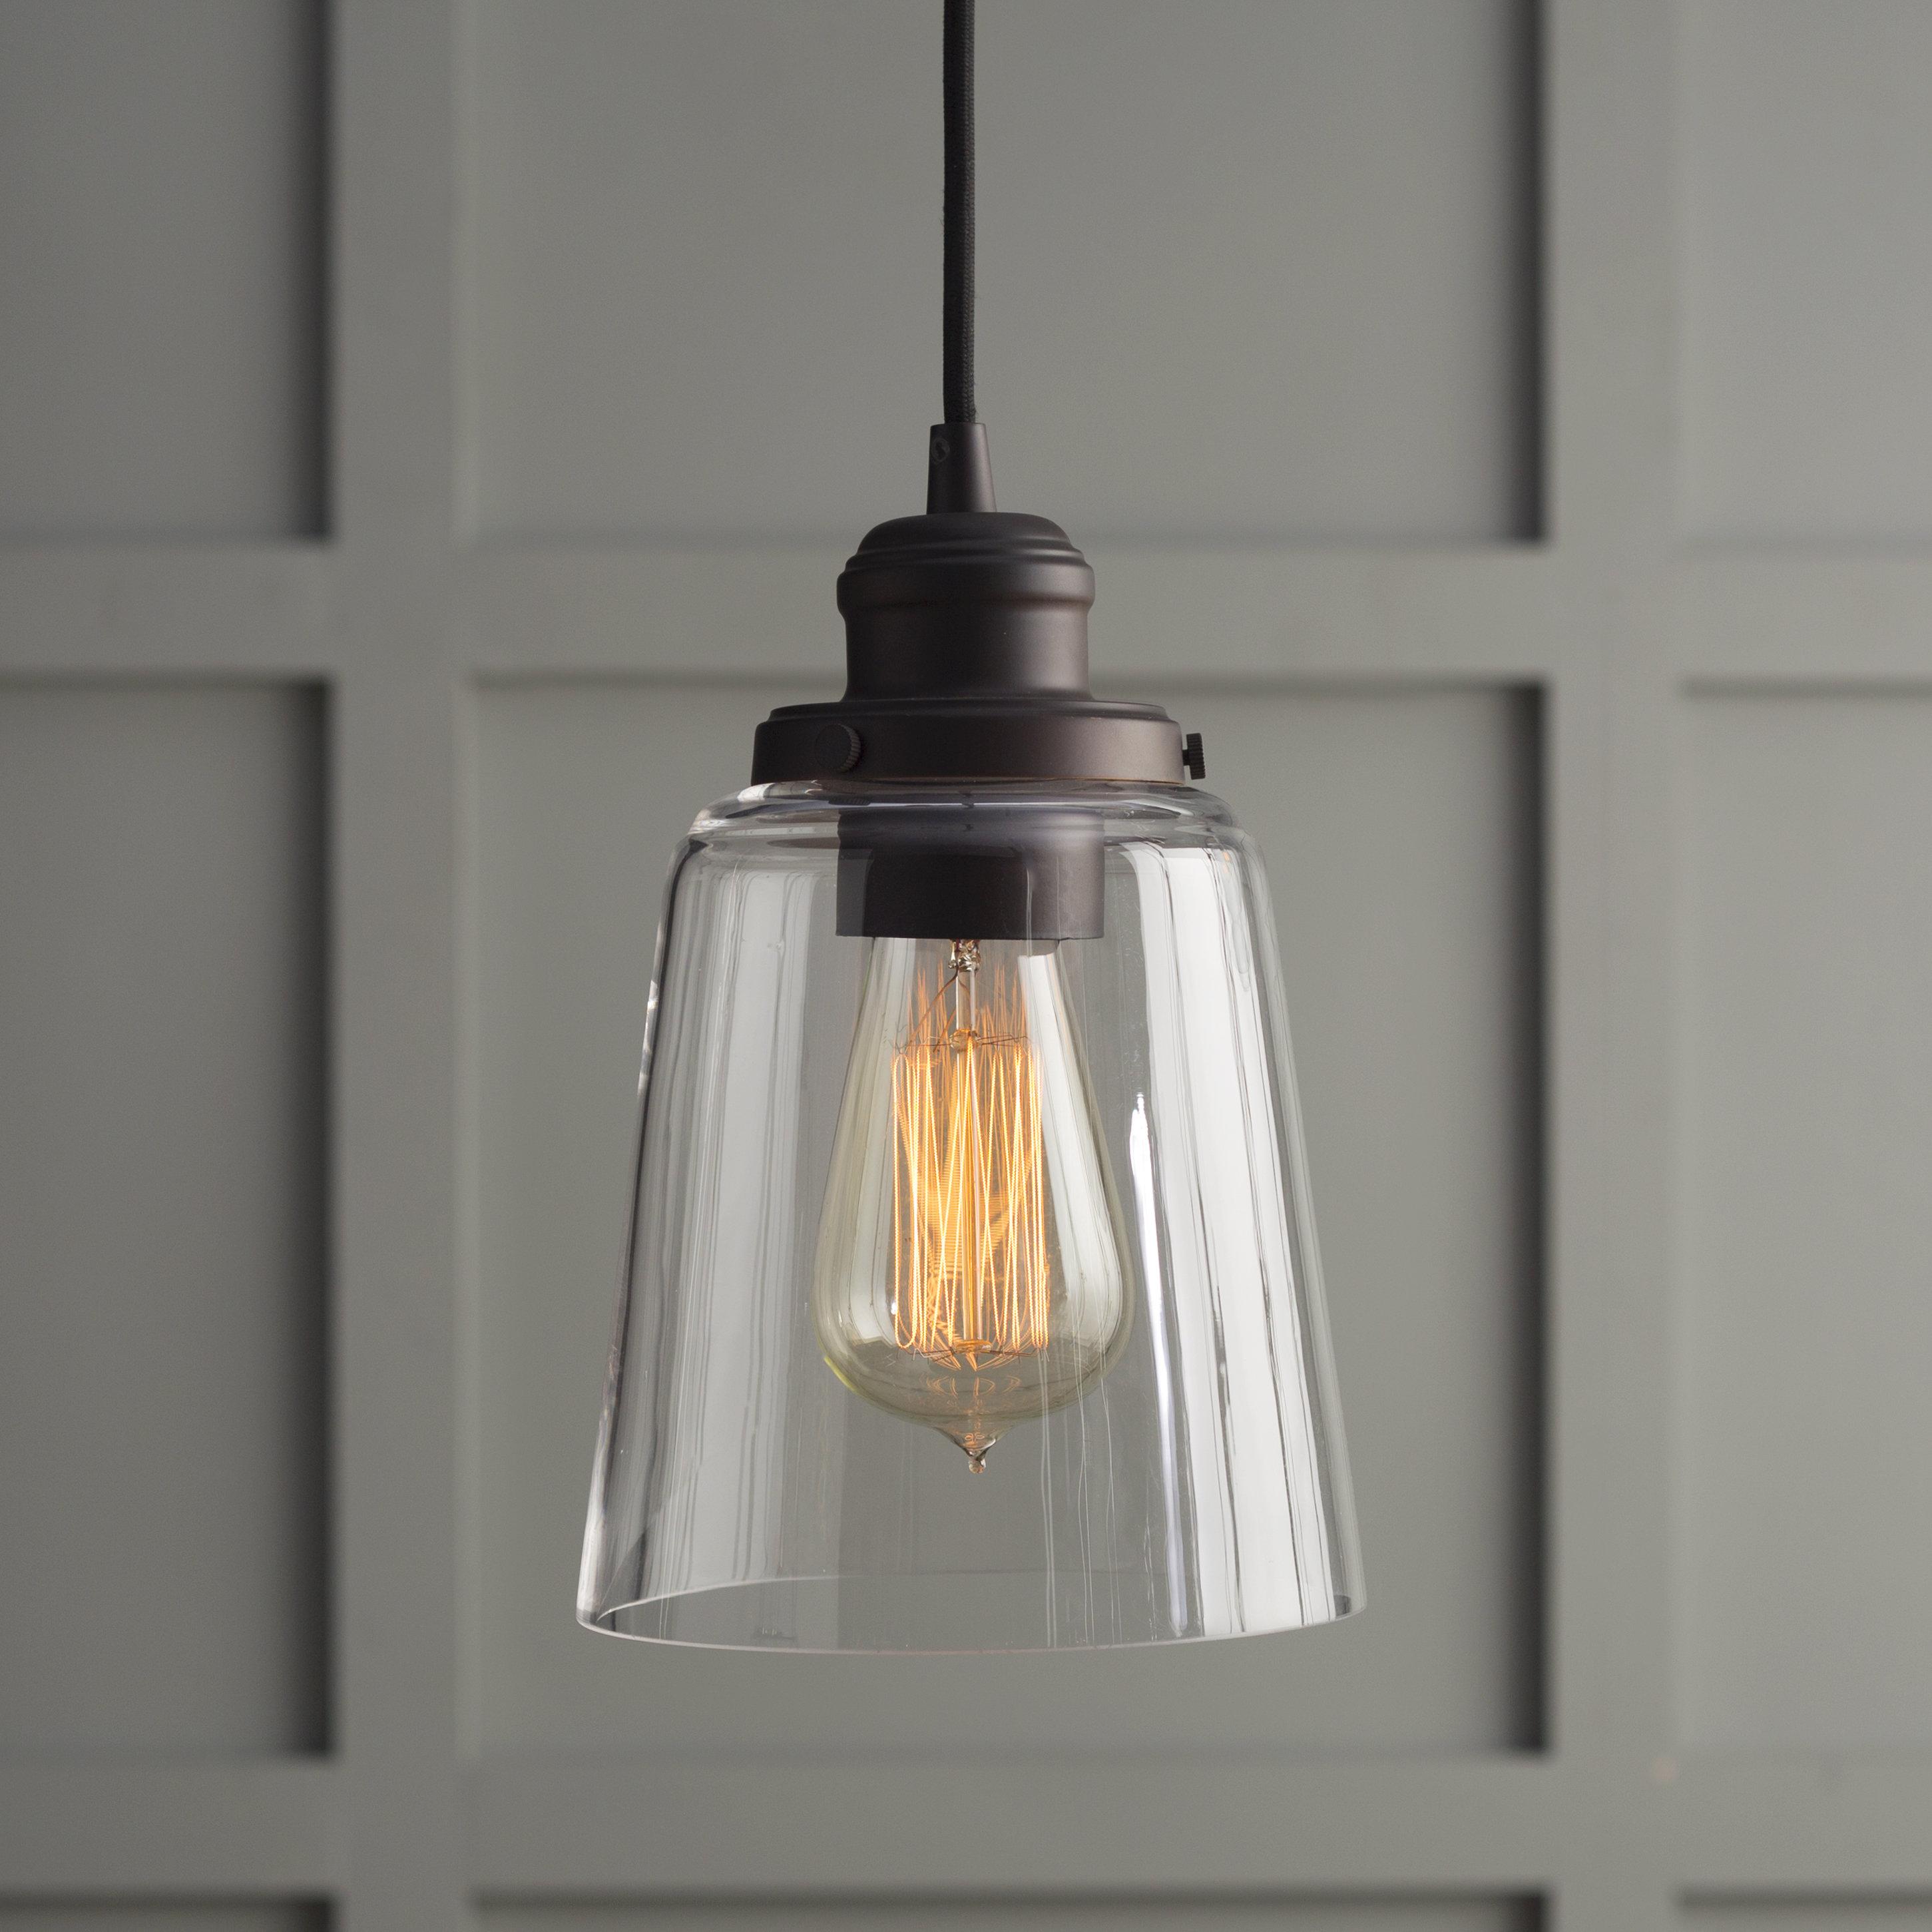 1 Light Single Bell Pendant Intended For Roslindale 1 Light Single Bell Pendants (Gallery 8 of 30)